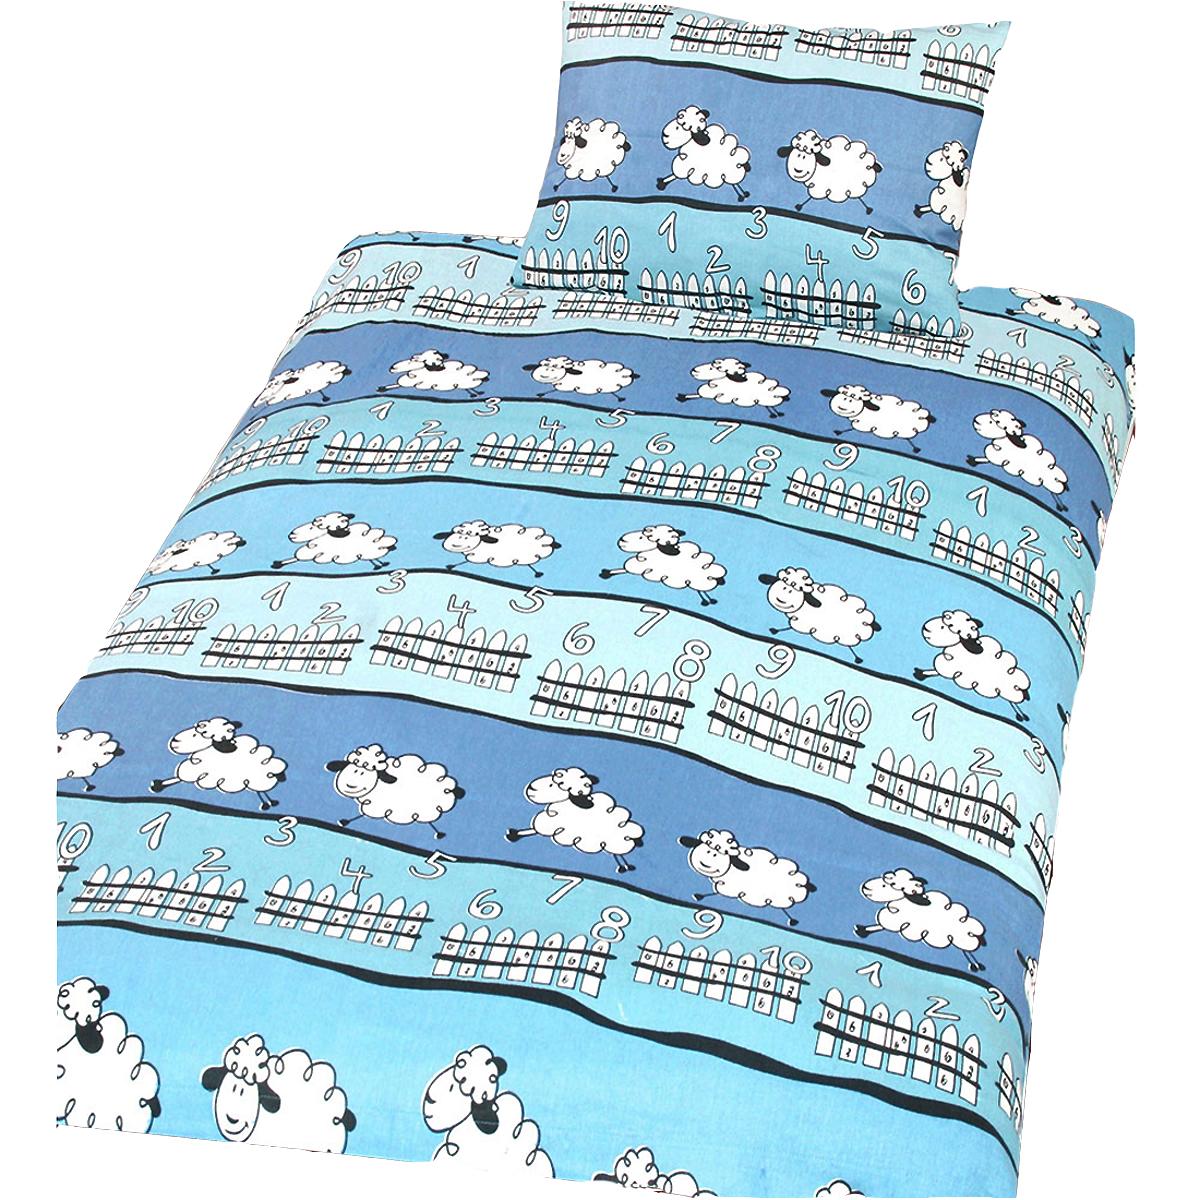 beties sch fchen z hlen kinder bettw sche 100x135 cm biber 100 baumwolle blau ebay. Black Bedroom Furniture Sets. Home Design Ideas